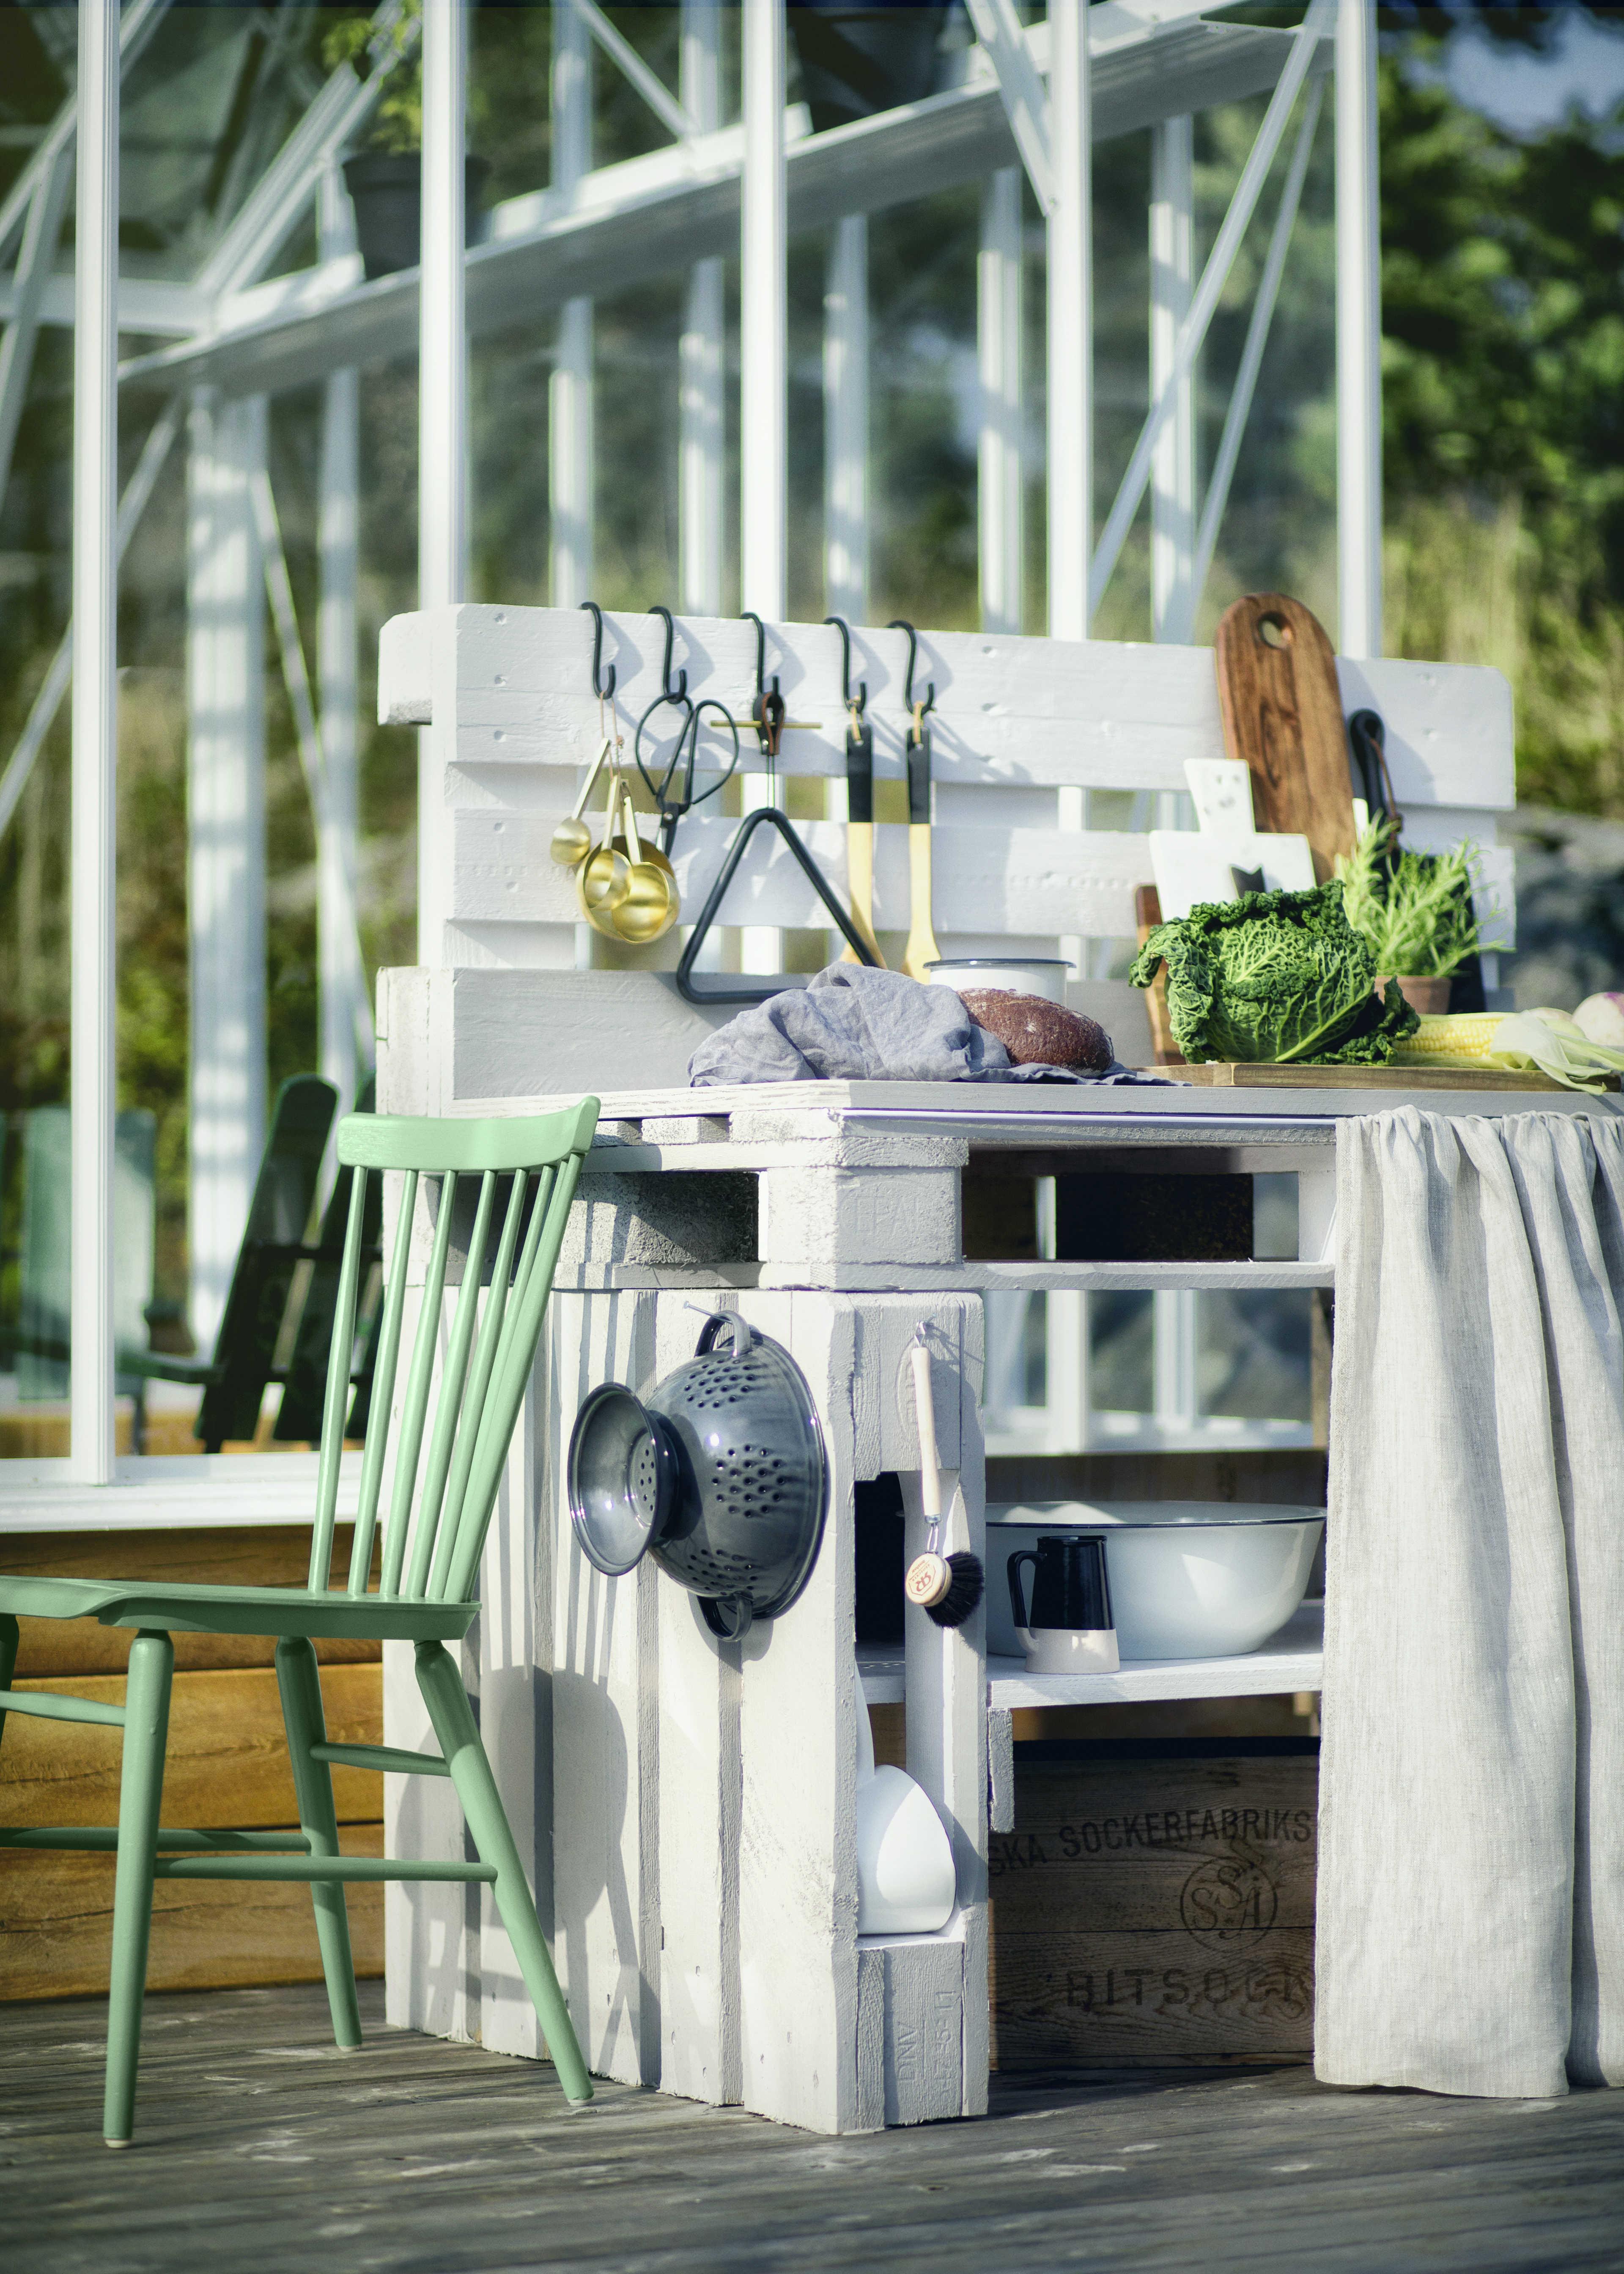 Bygg utekök av lastpallar – smart, enkelt och snyggt att göra själv till trädgården